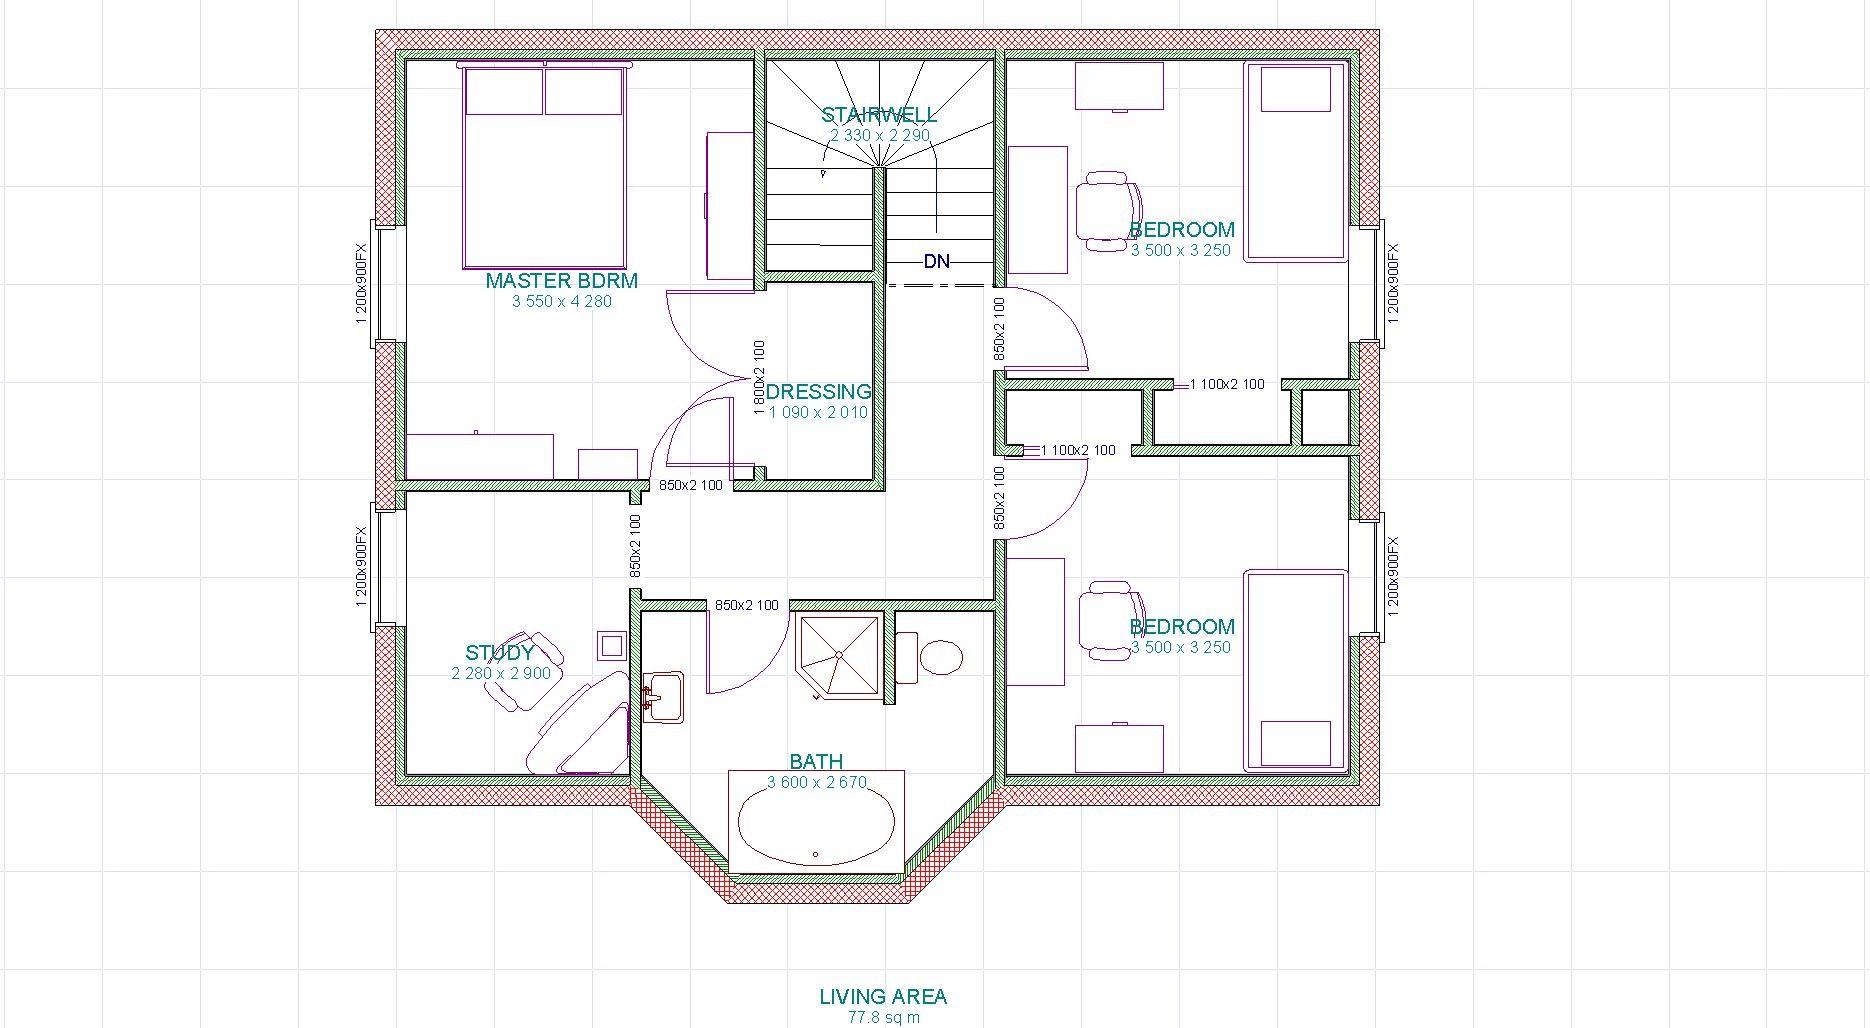 Dessiner son plan de maison 2d - Idées de travaux